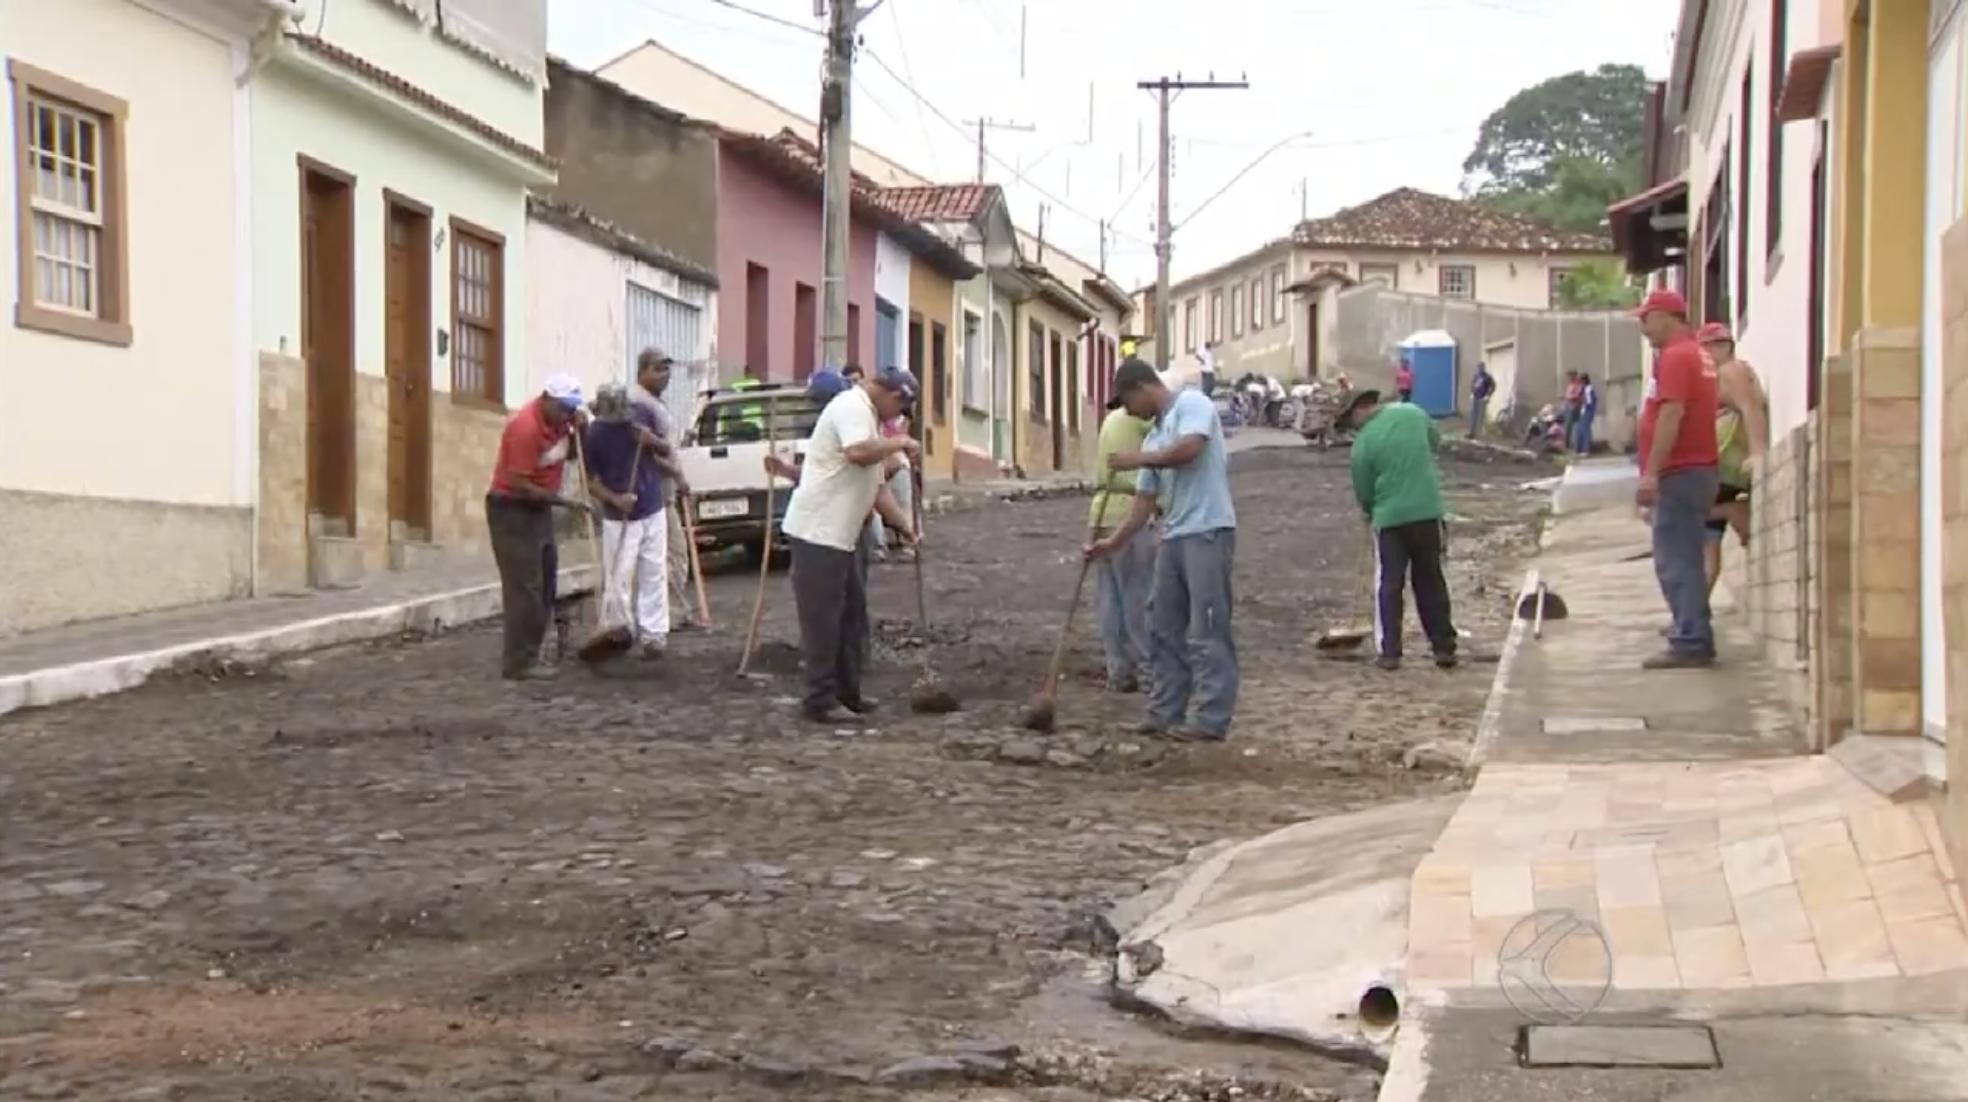 Rua Santo Antônio volta à cena após polêmica do asfaltamento. Em 2015 o asfalto teve que ser retirado por determinação do MPF. Foto: Reprodução vídeo G1